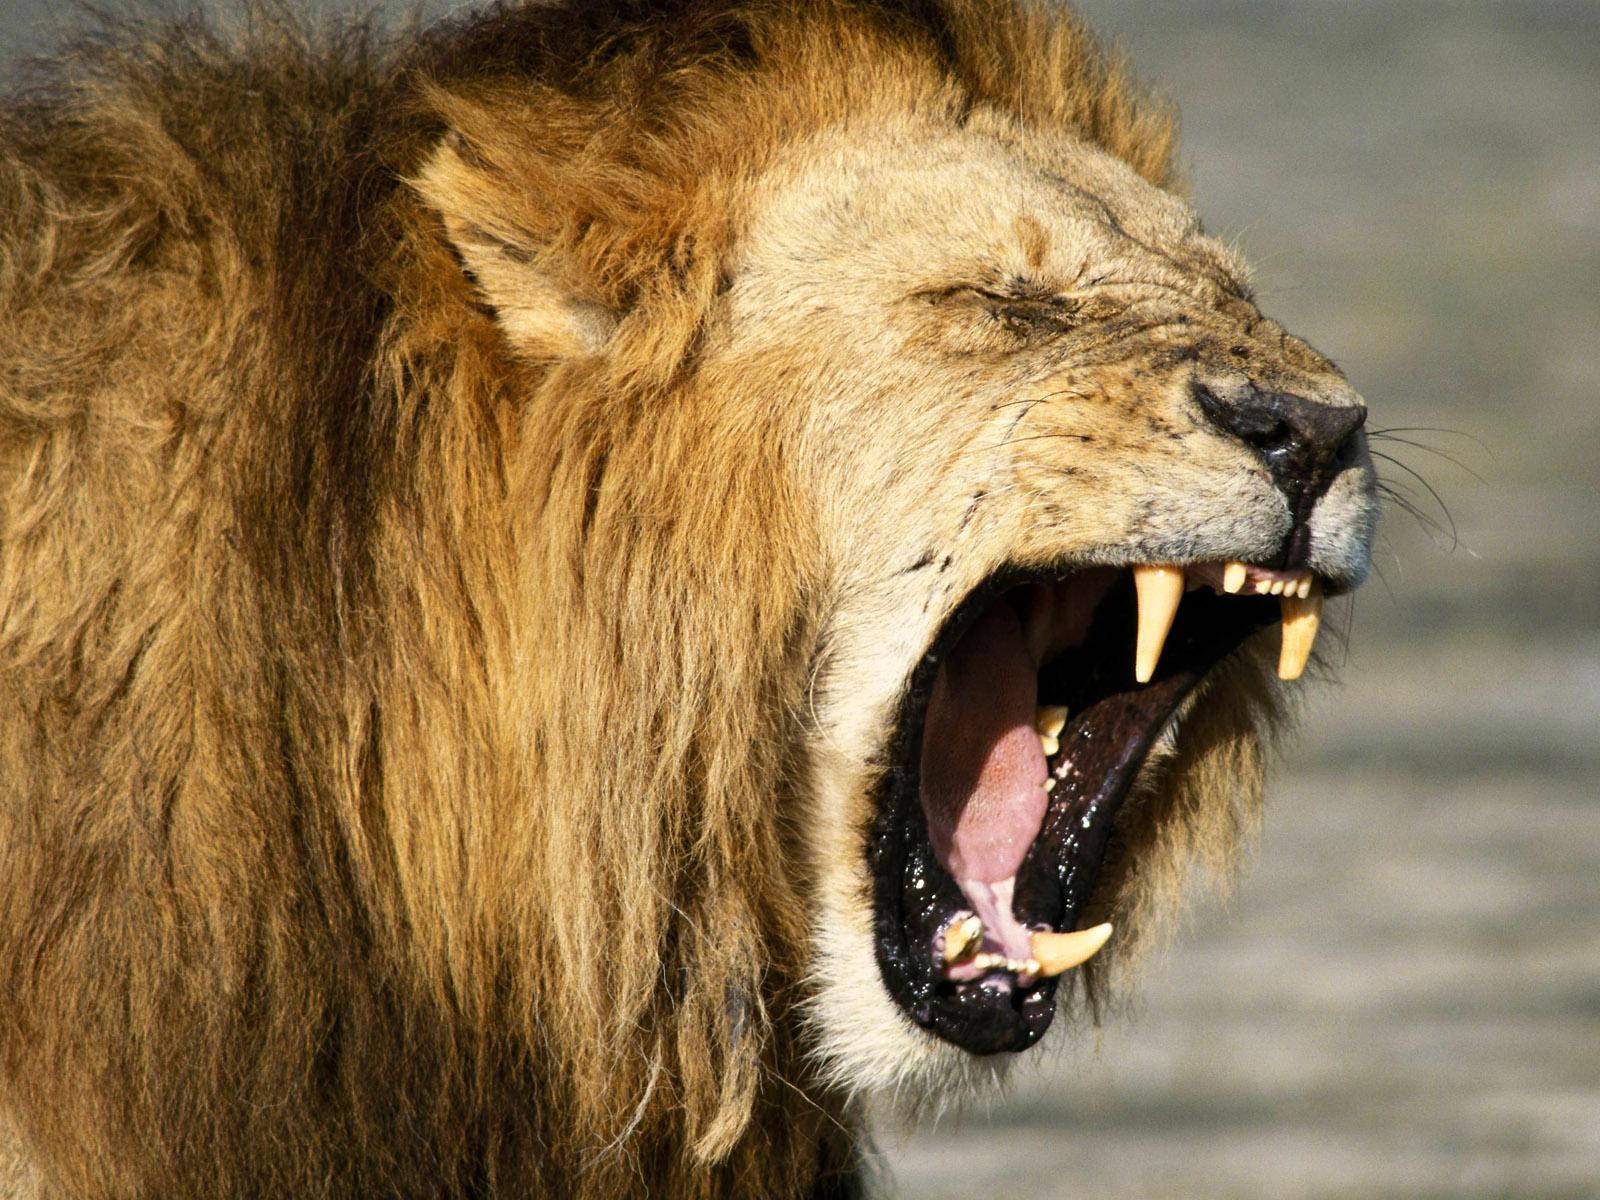 Best desktop hd wallpaper lion hd wallpapers for Sfondi leone